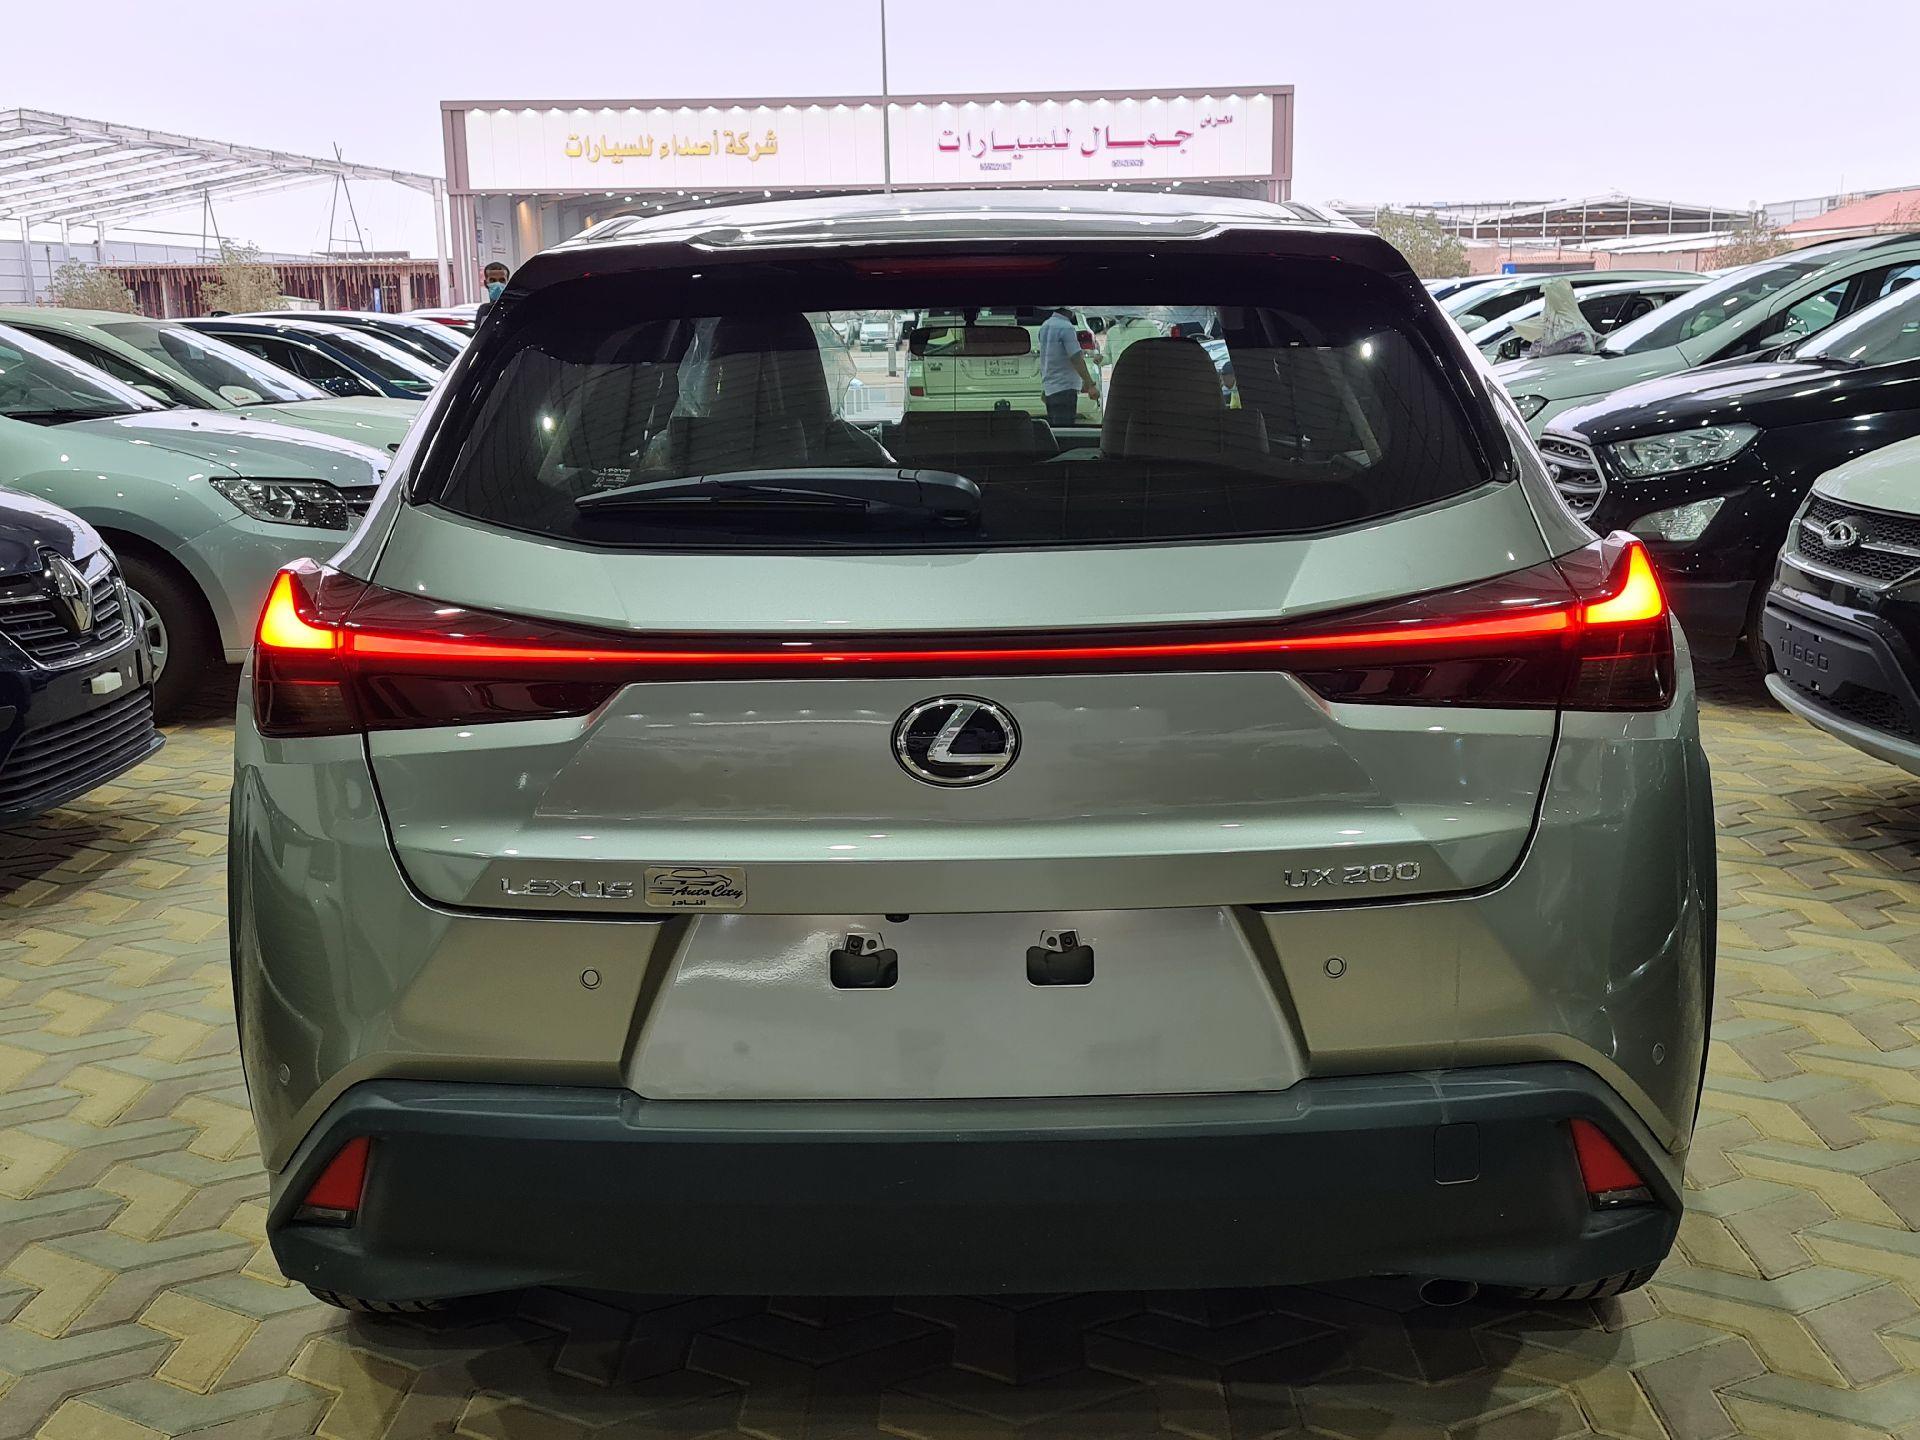 لكزس UX 200-AA Elegant ستاندر 2021 سعودي جديد للبيع في الرياض - السعودية - صورة كبيرة - 5